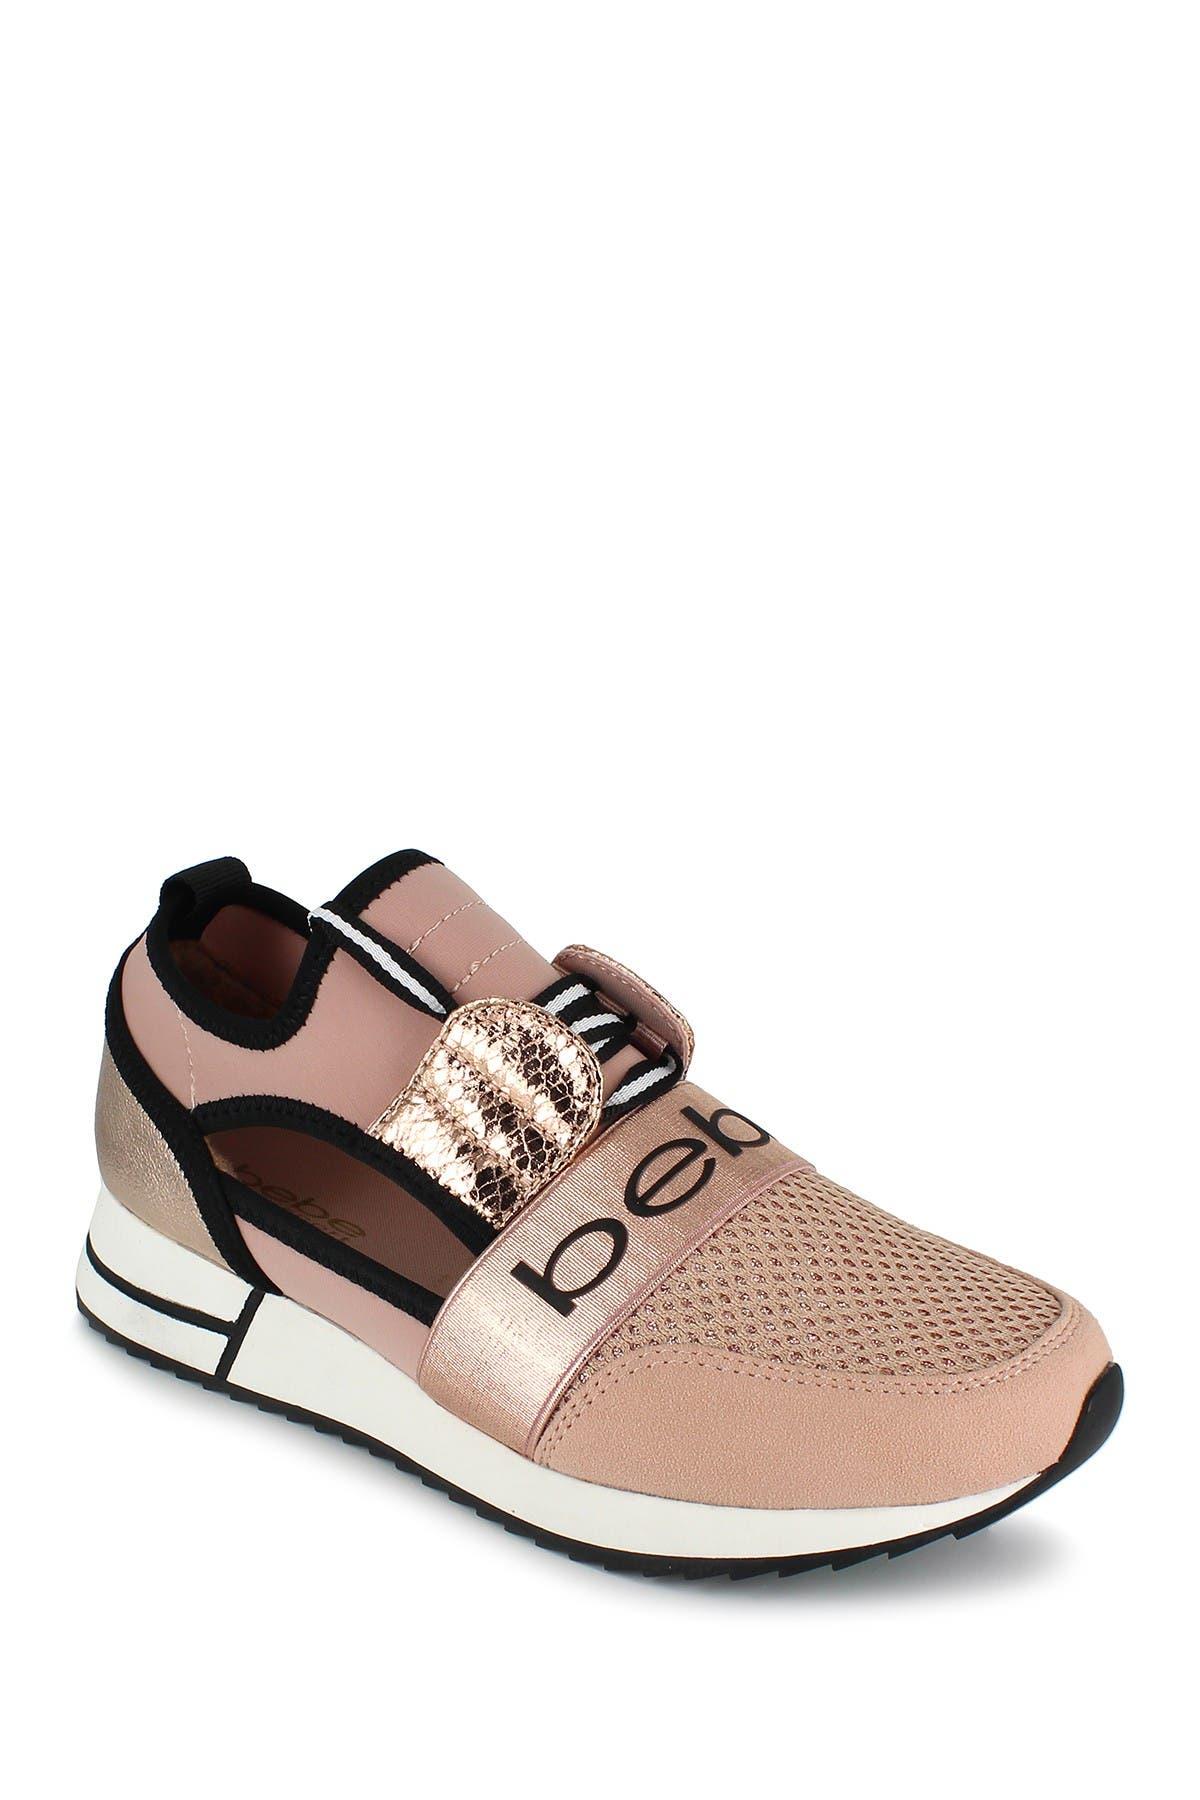 bebe Women's Shoes   Nordstrom Rack